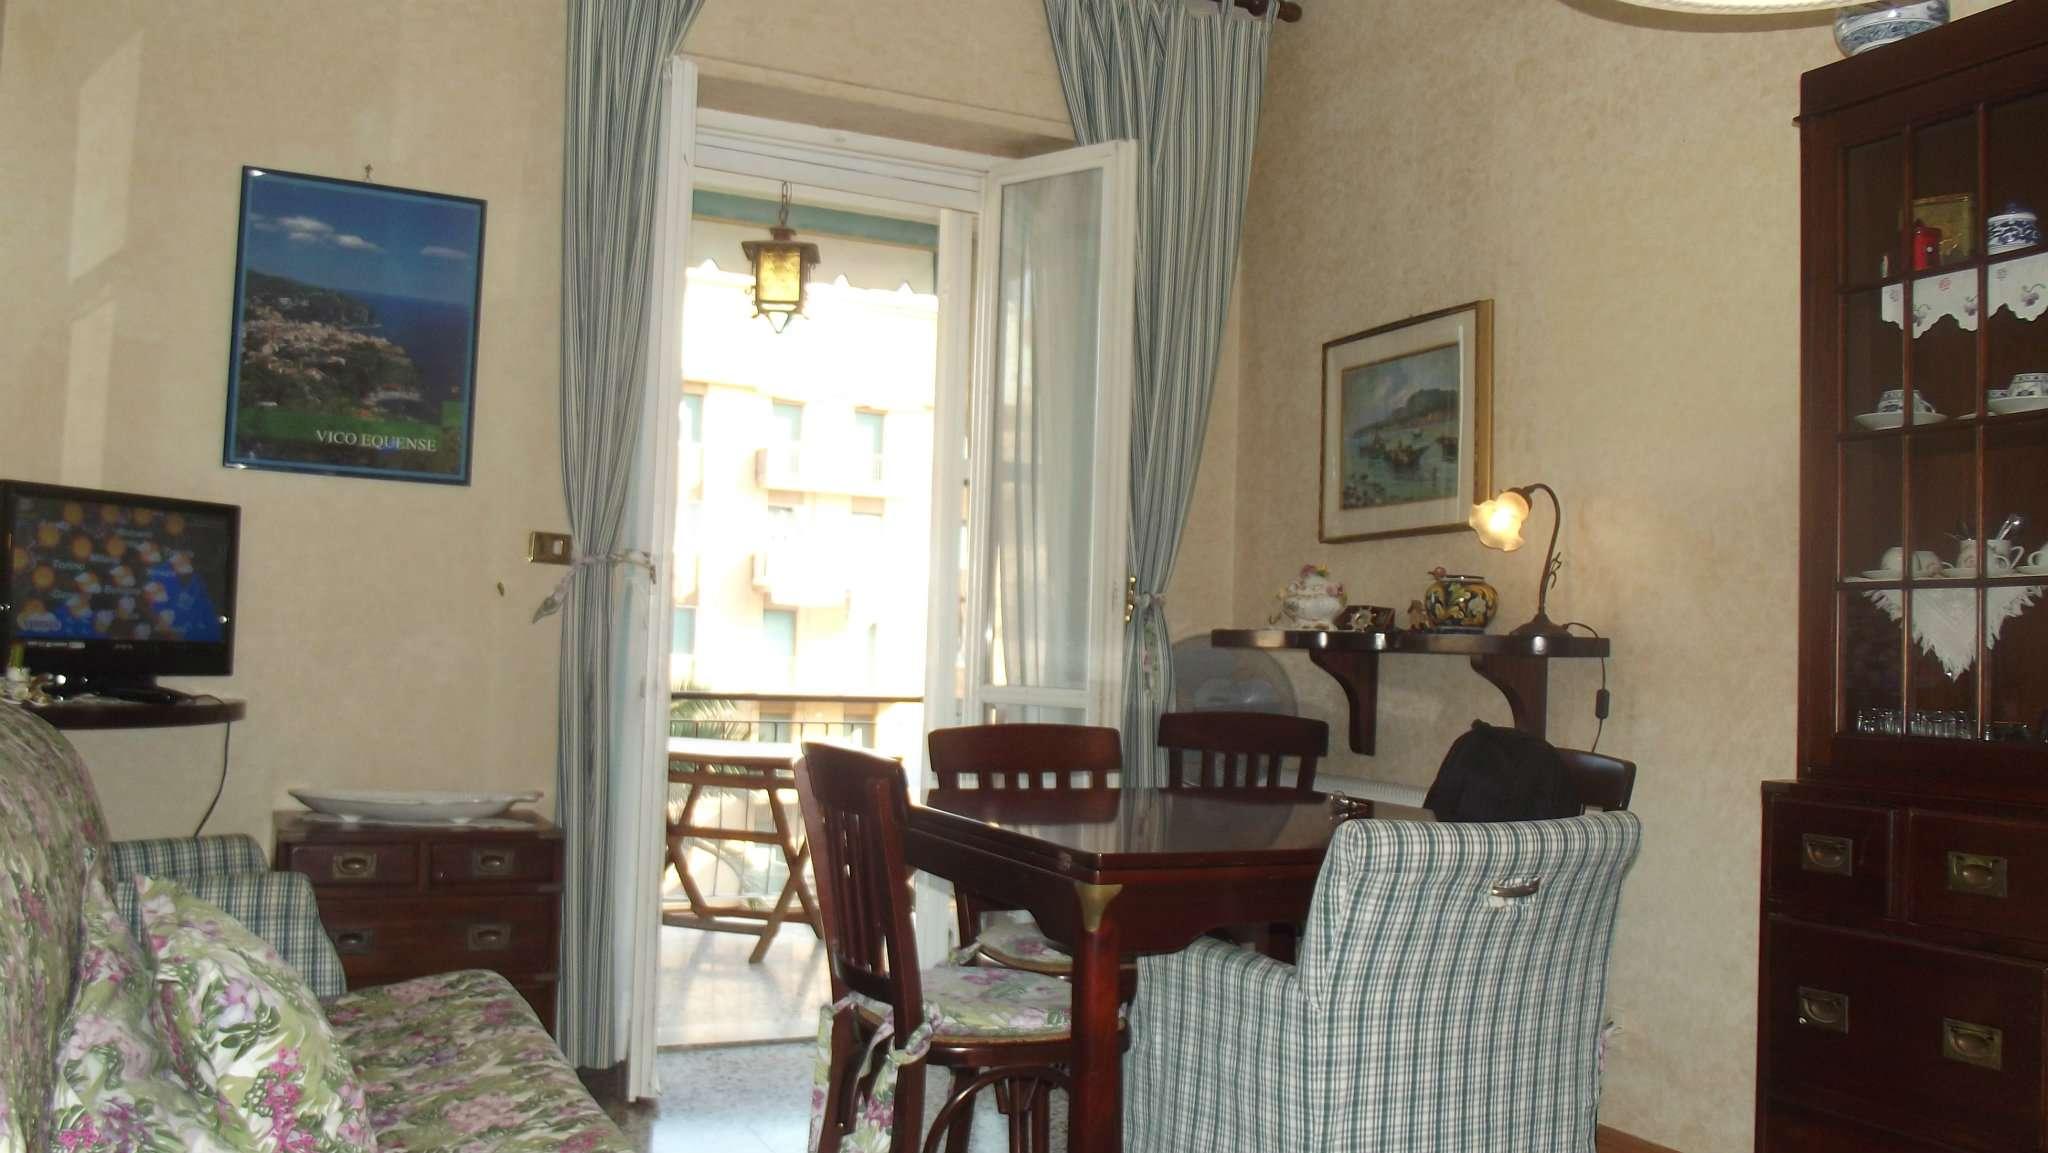 Appartamento in Vendita a Pietra Ligure: 2 locali, 48 mq